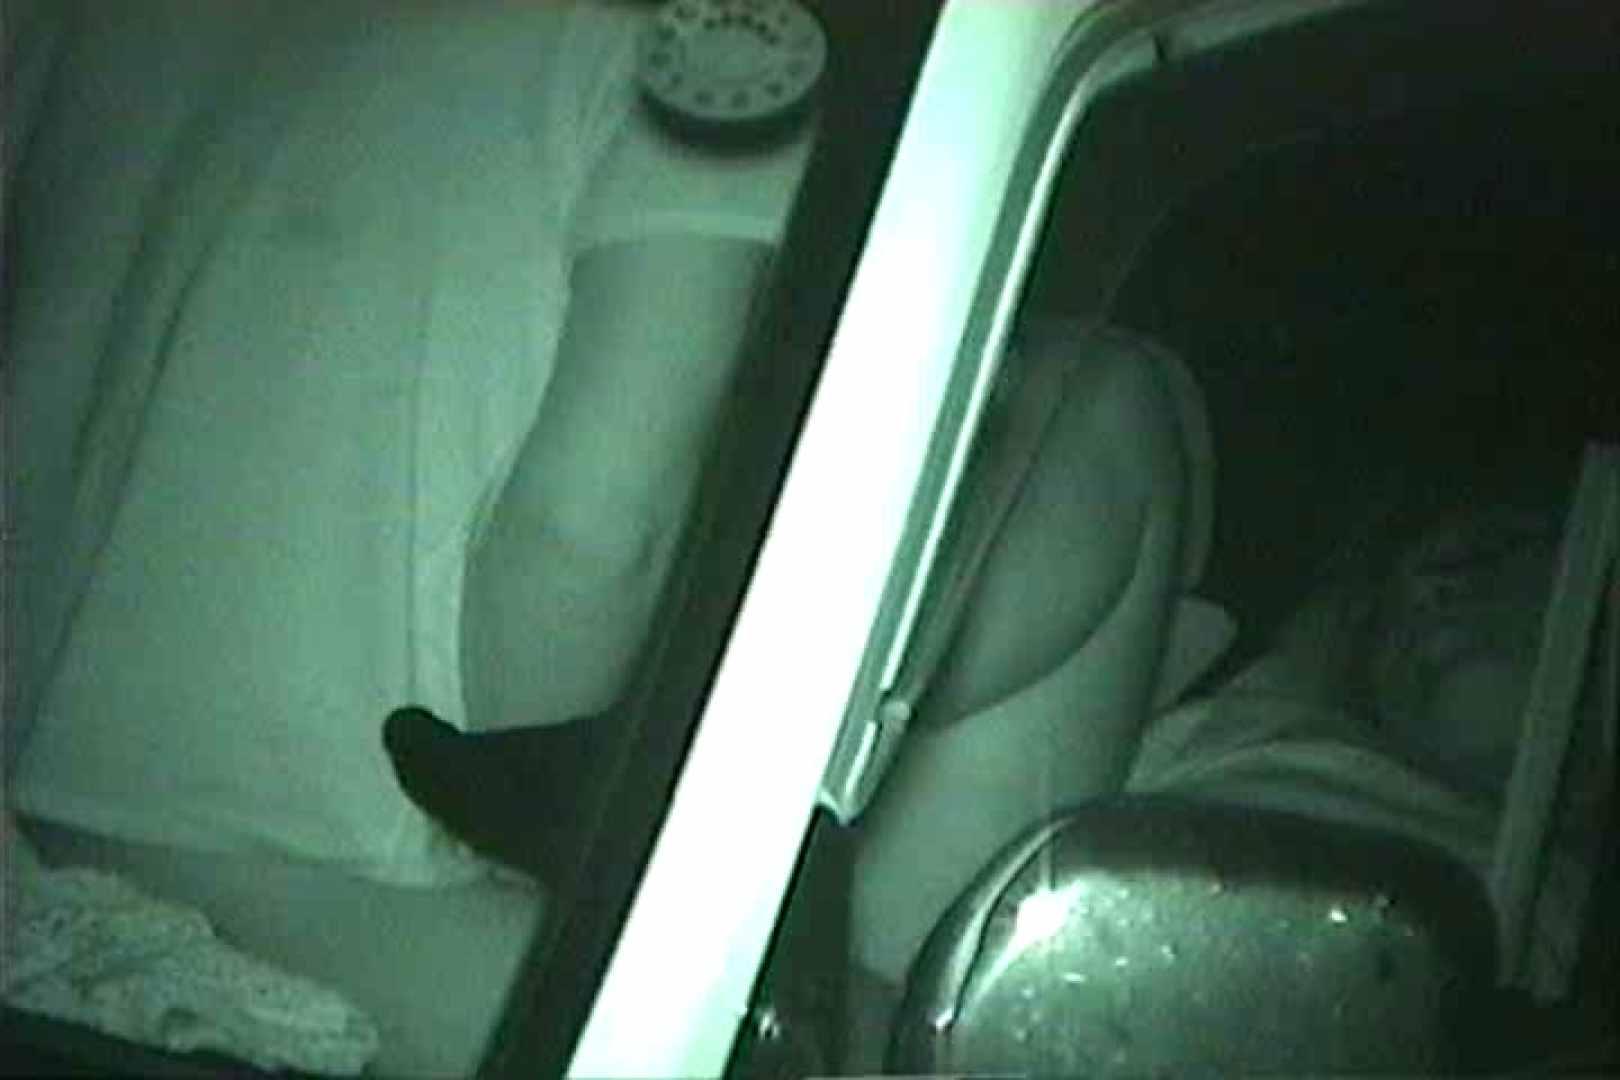 車の中はラブホテル 無修正版  Vol.24 エロティックなOL 盗み撮り動画 102画像 37